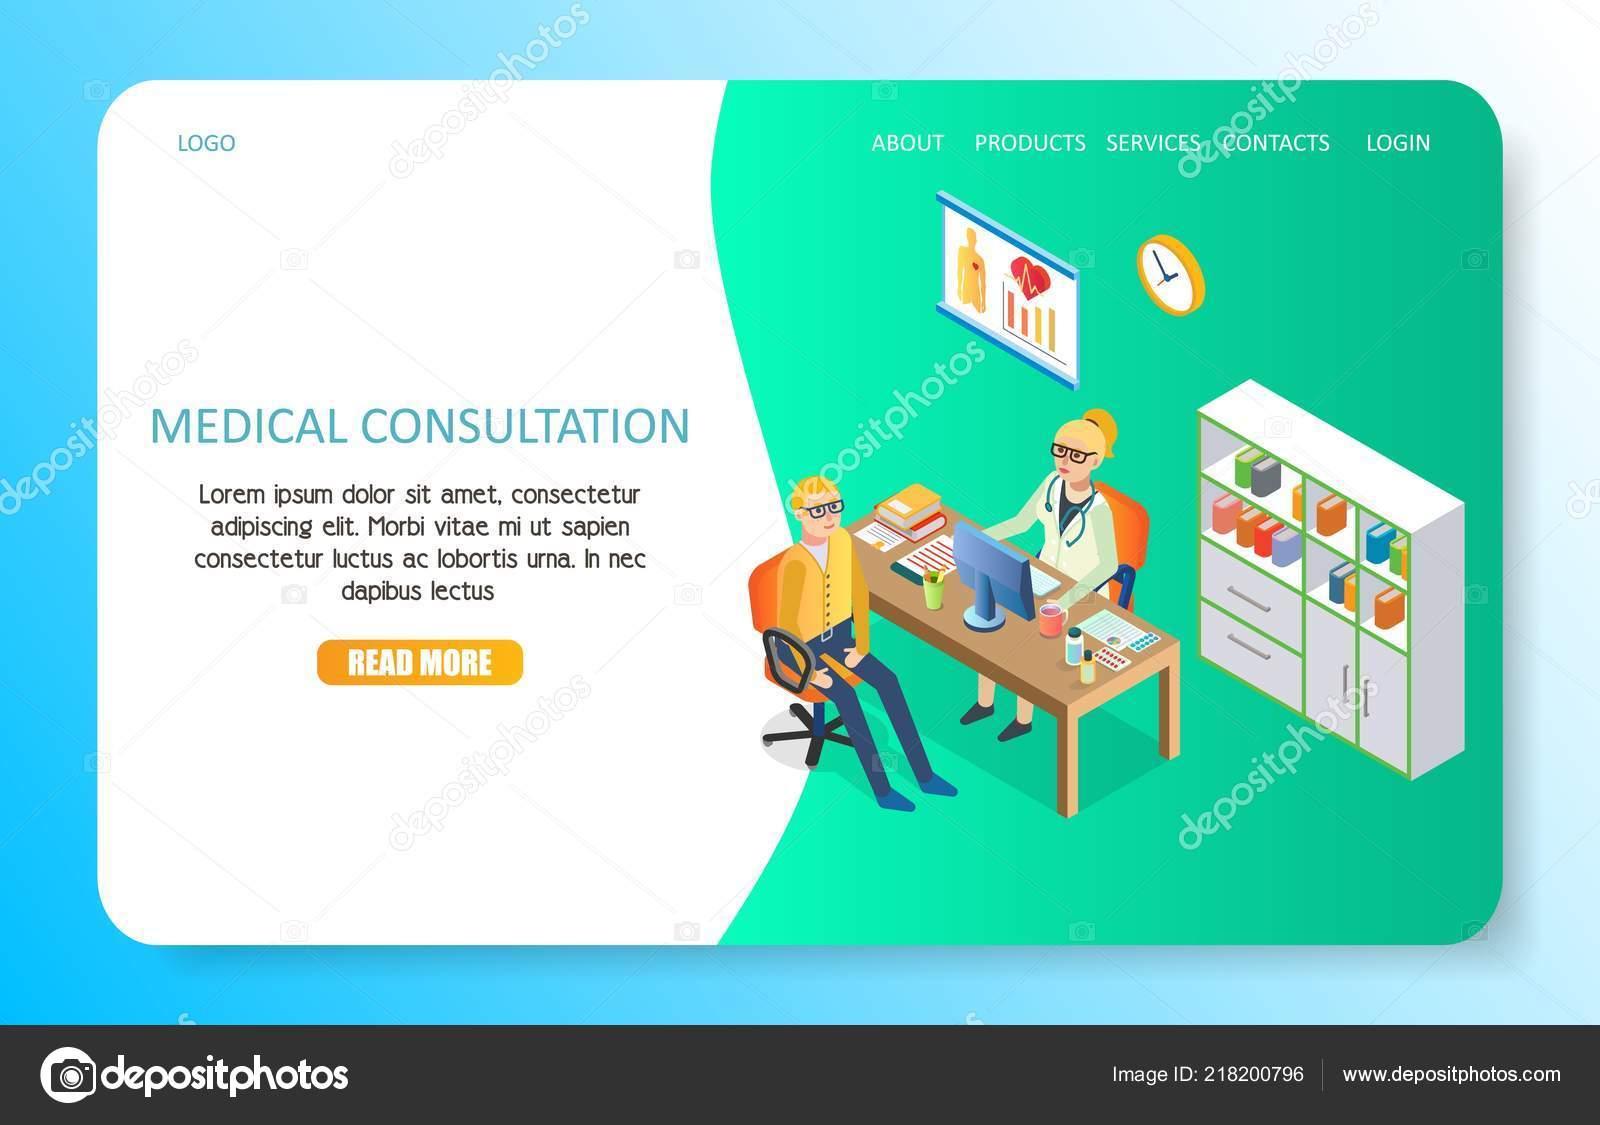 7a163882778e Modelo de site página de aterragem da consulta médica. Ilustração em vetor  isométrica do profissional médico e paciente na clínica médica — Vetor de  ...